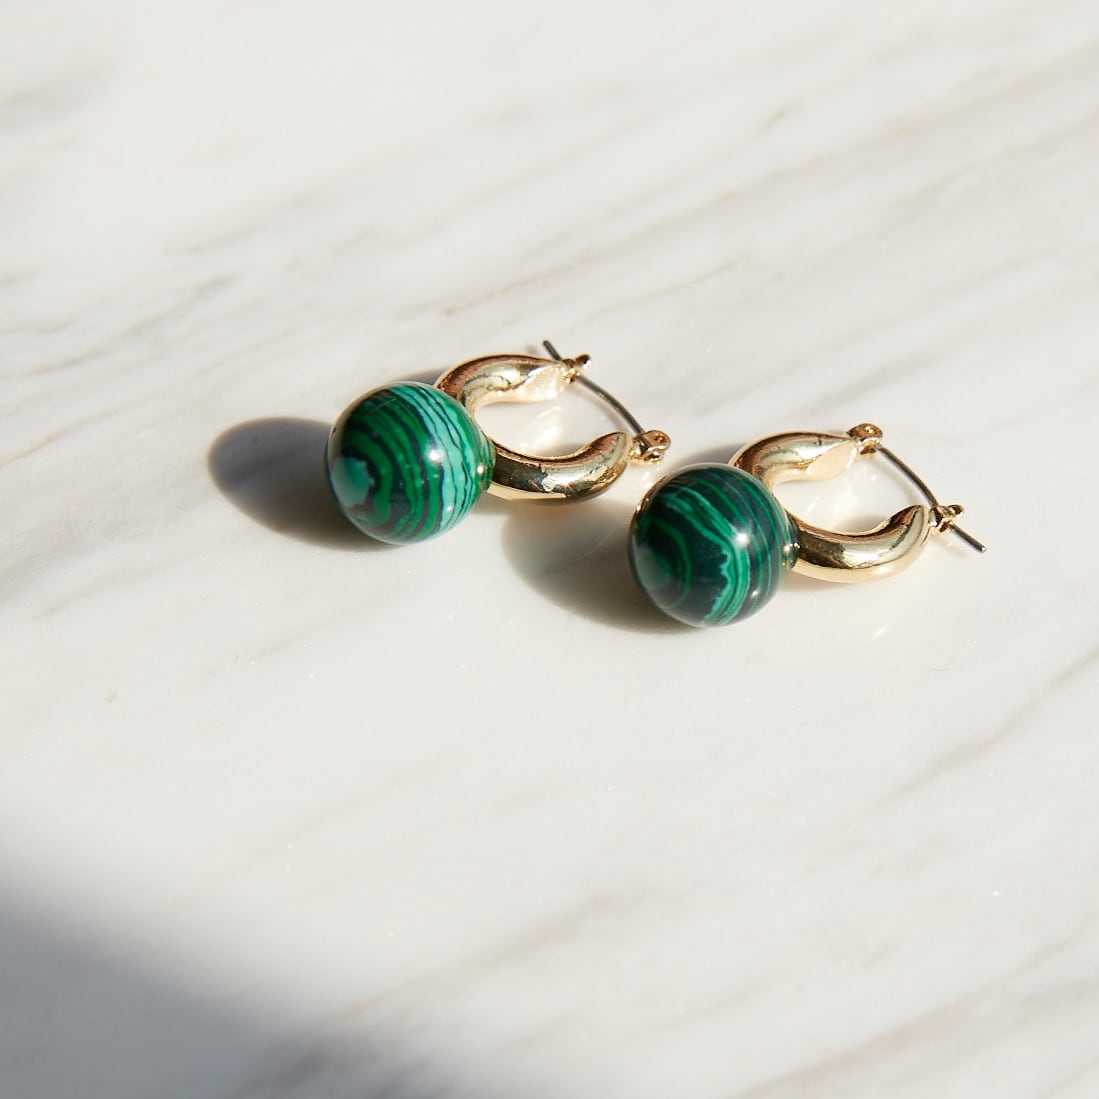 nim-15 Pierced earring